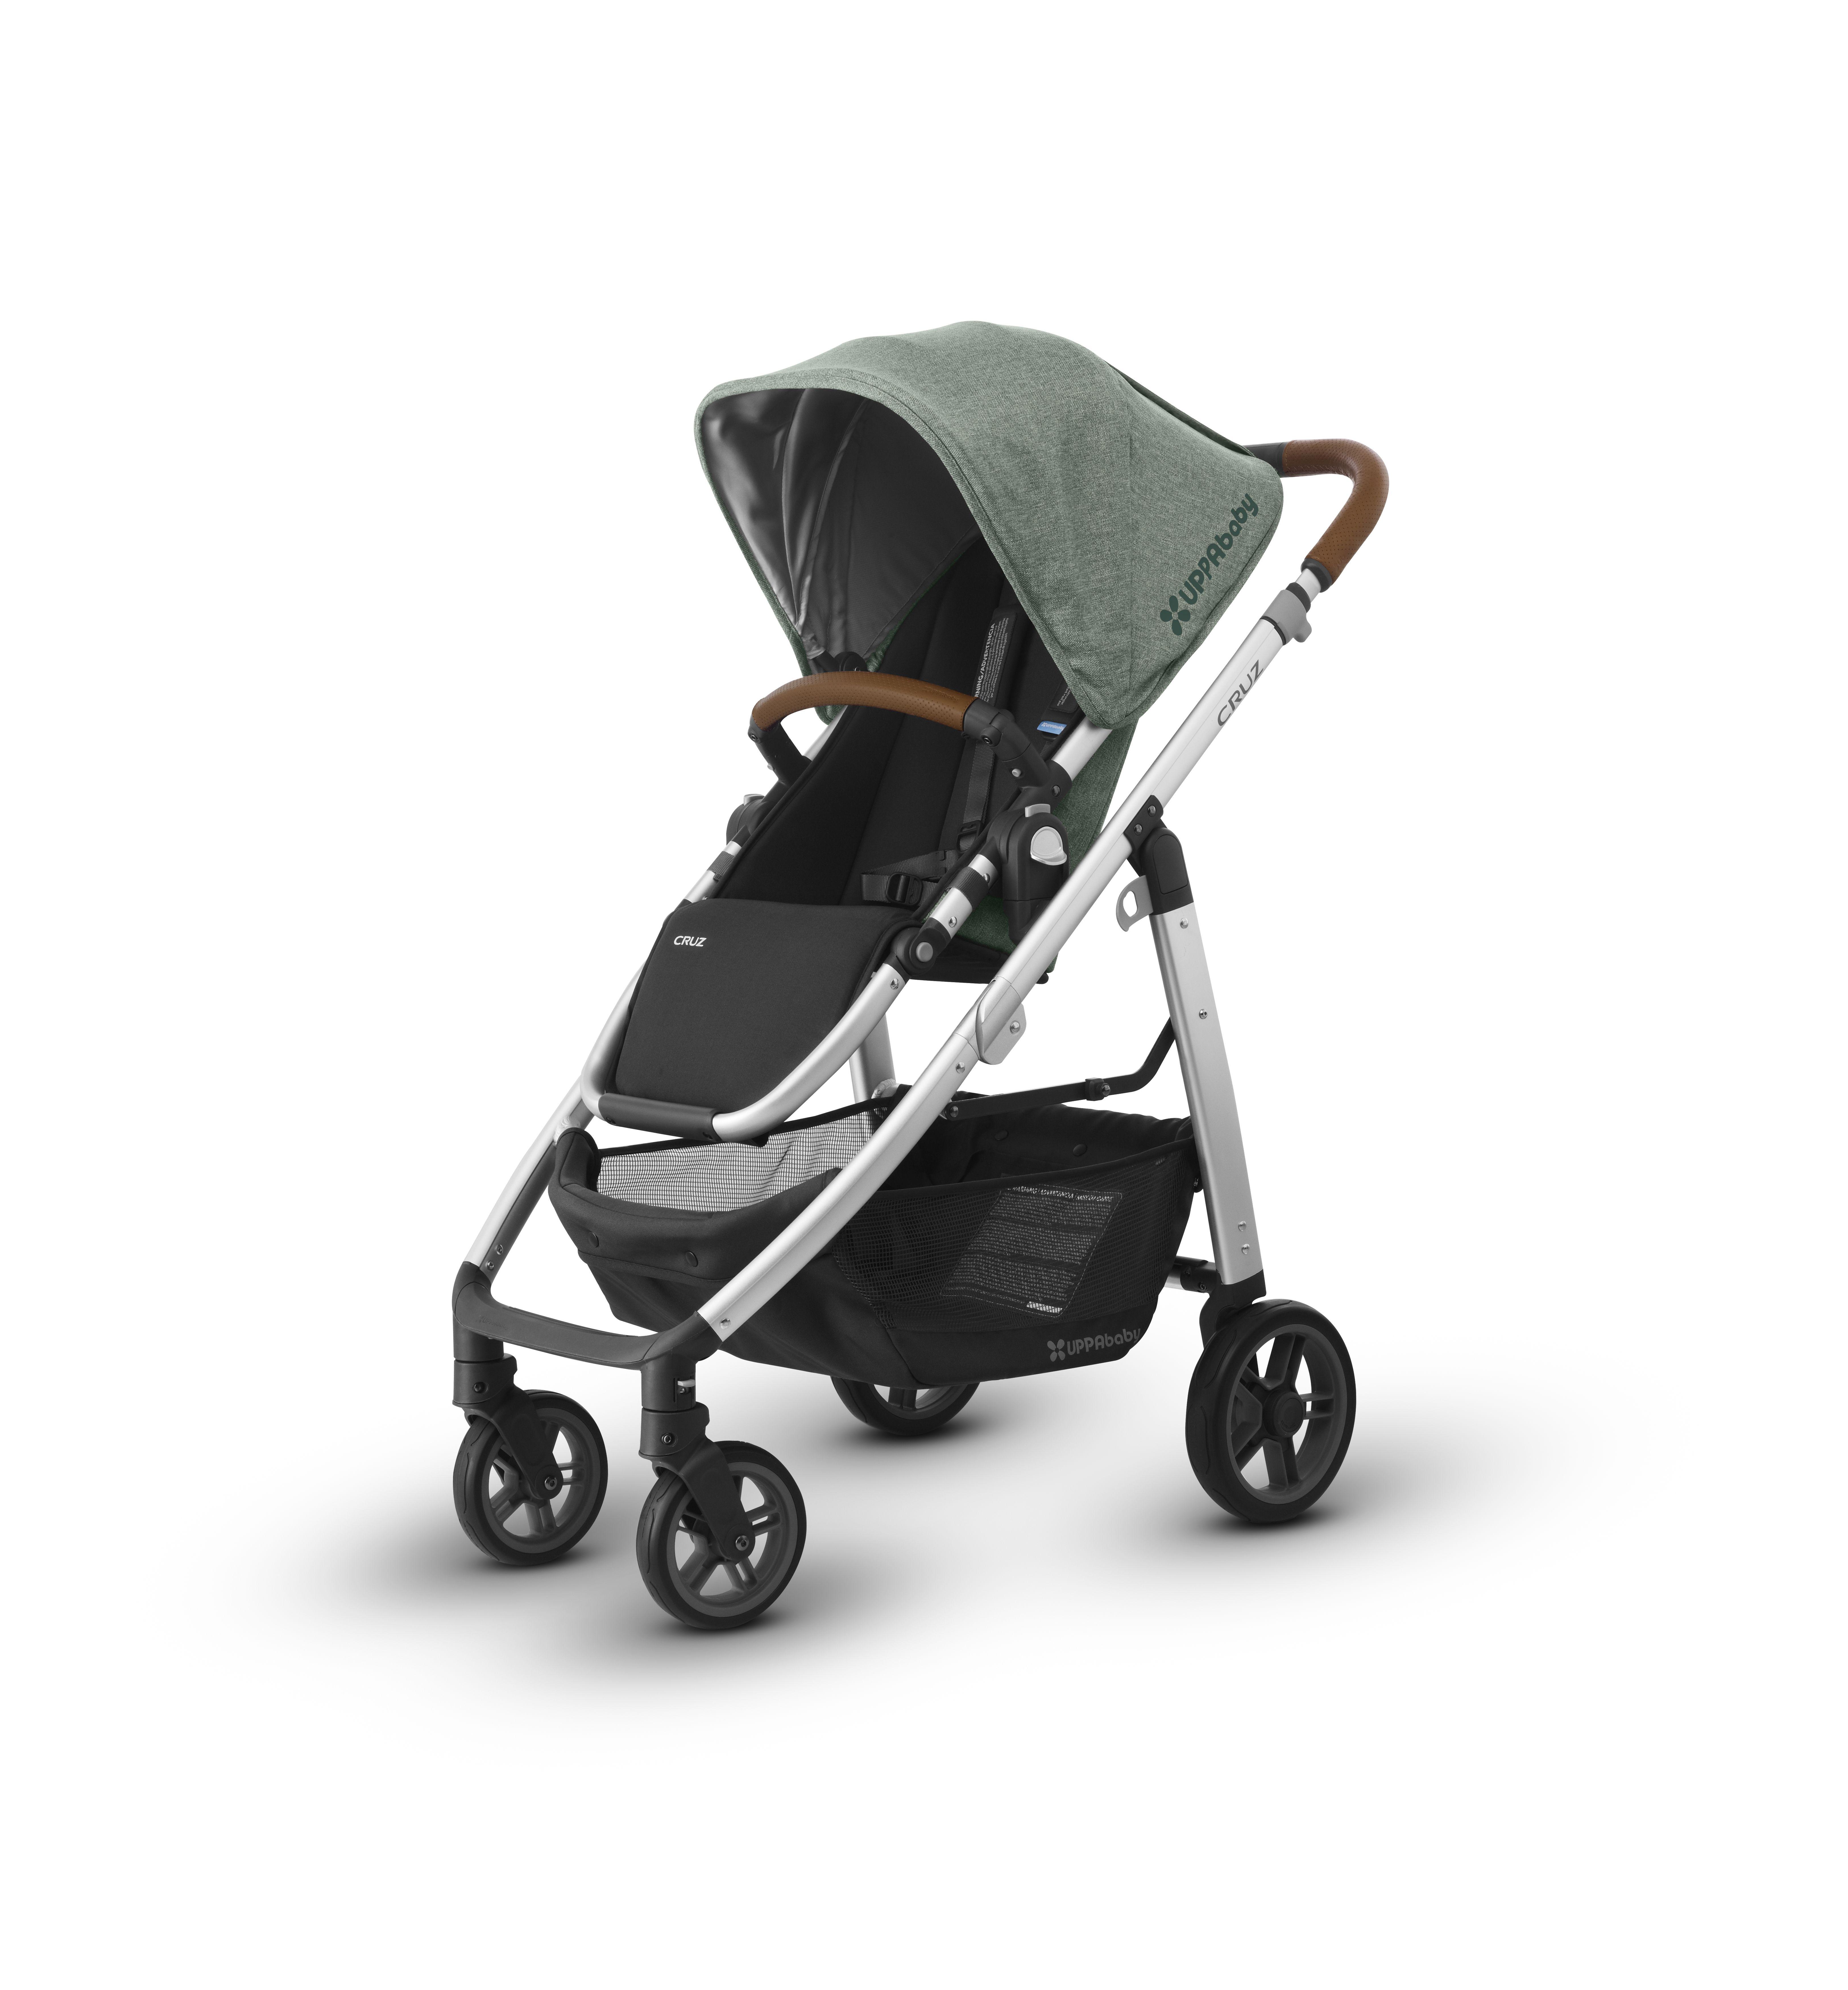 Emmett CRUZ Uppababy stroller, Uppababy cruz, Full size